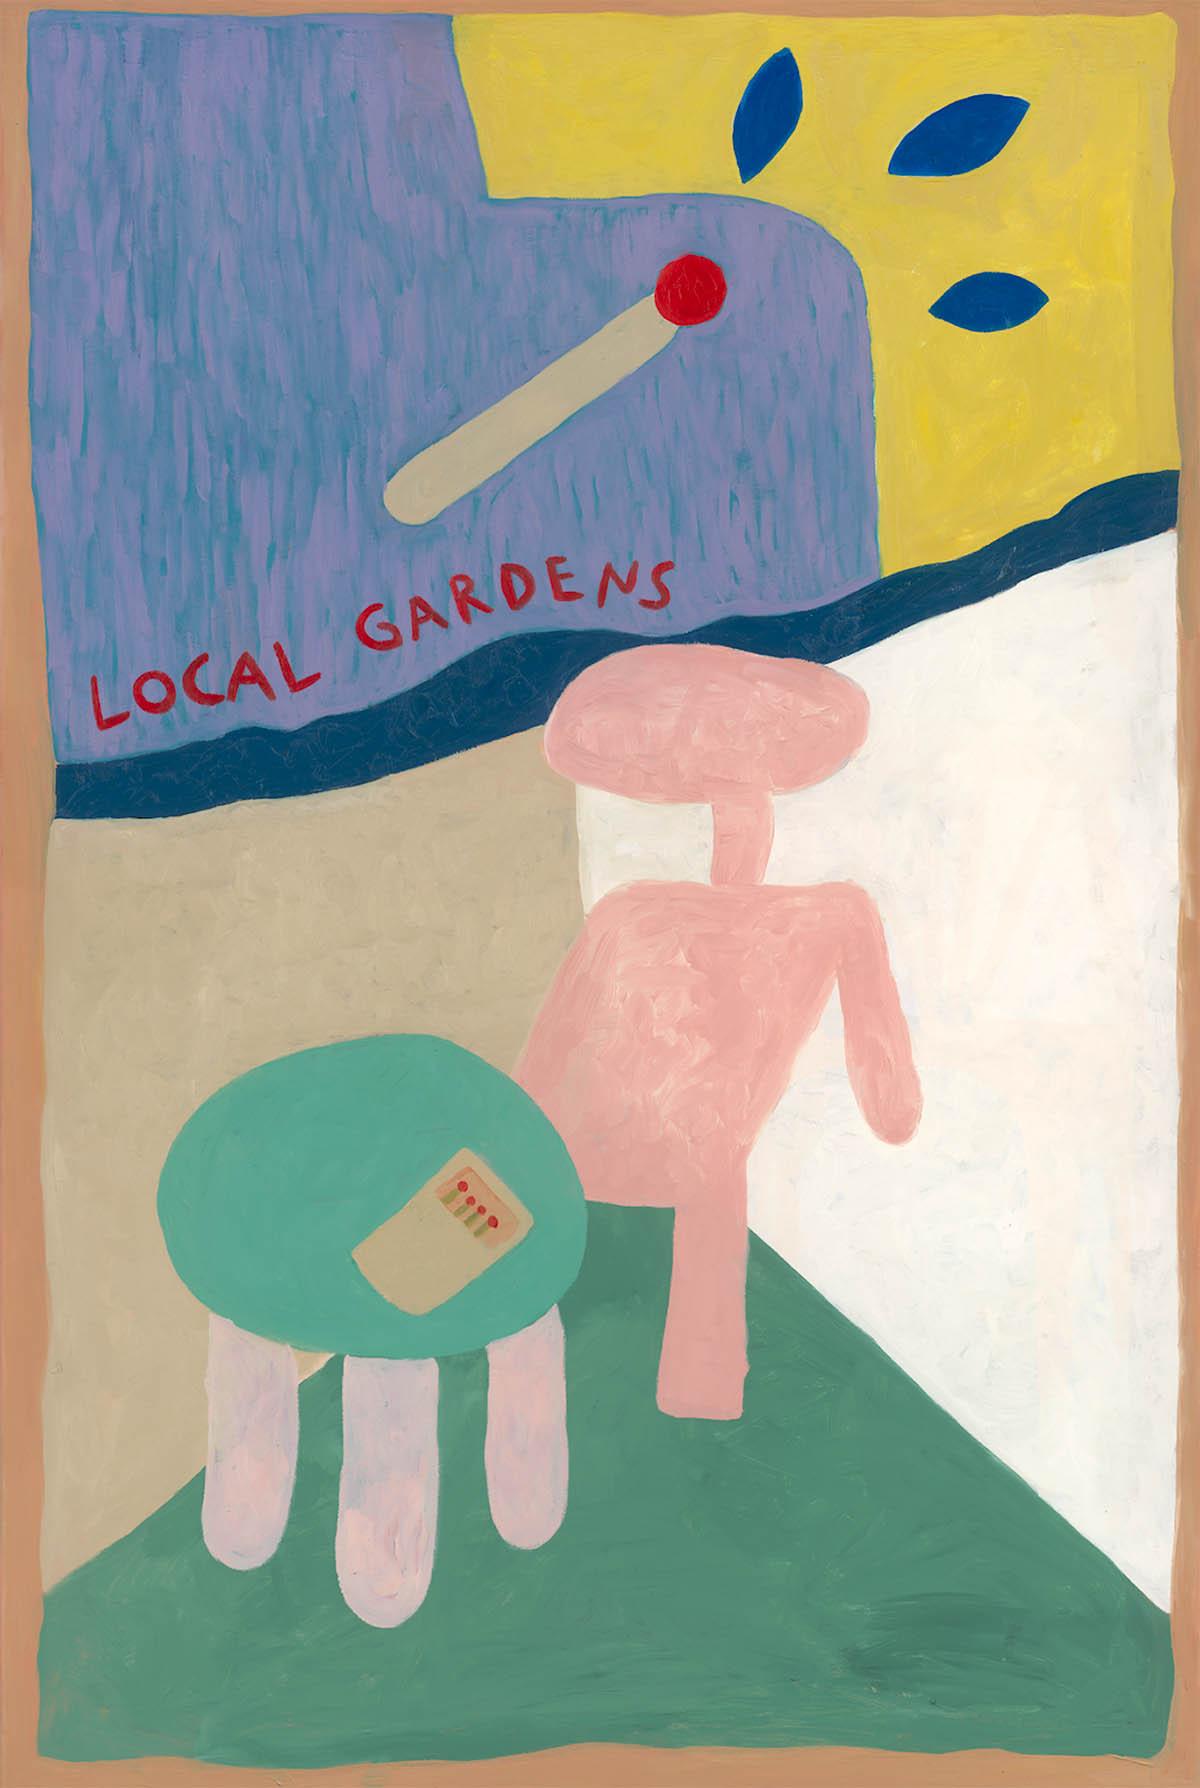 Local gardens - E.T. Chair